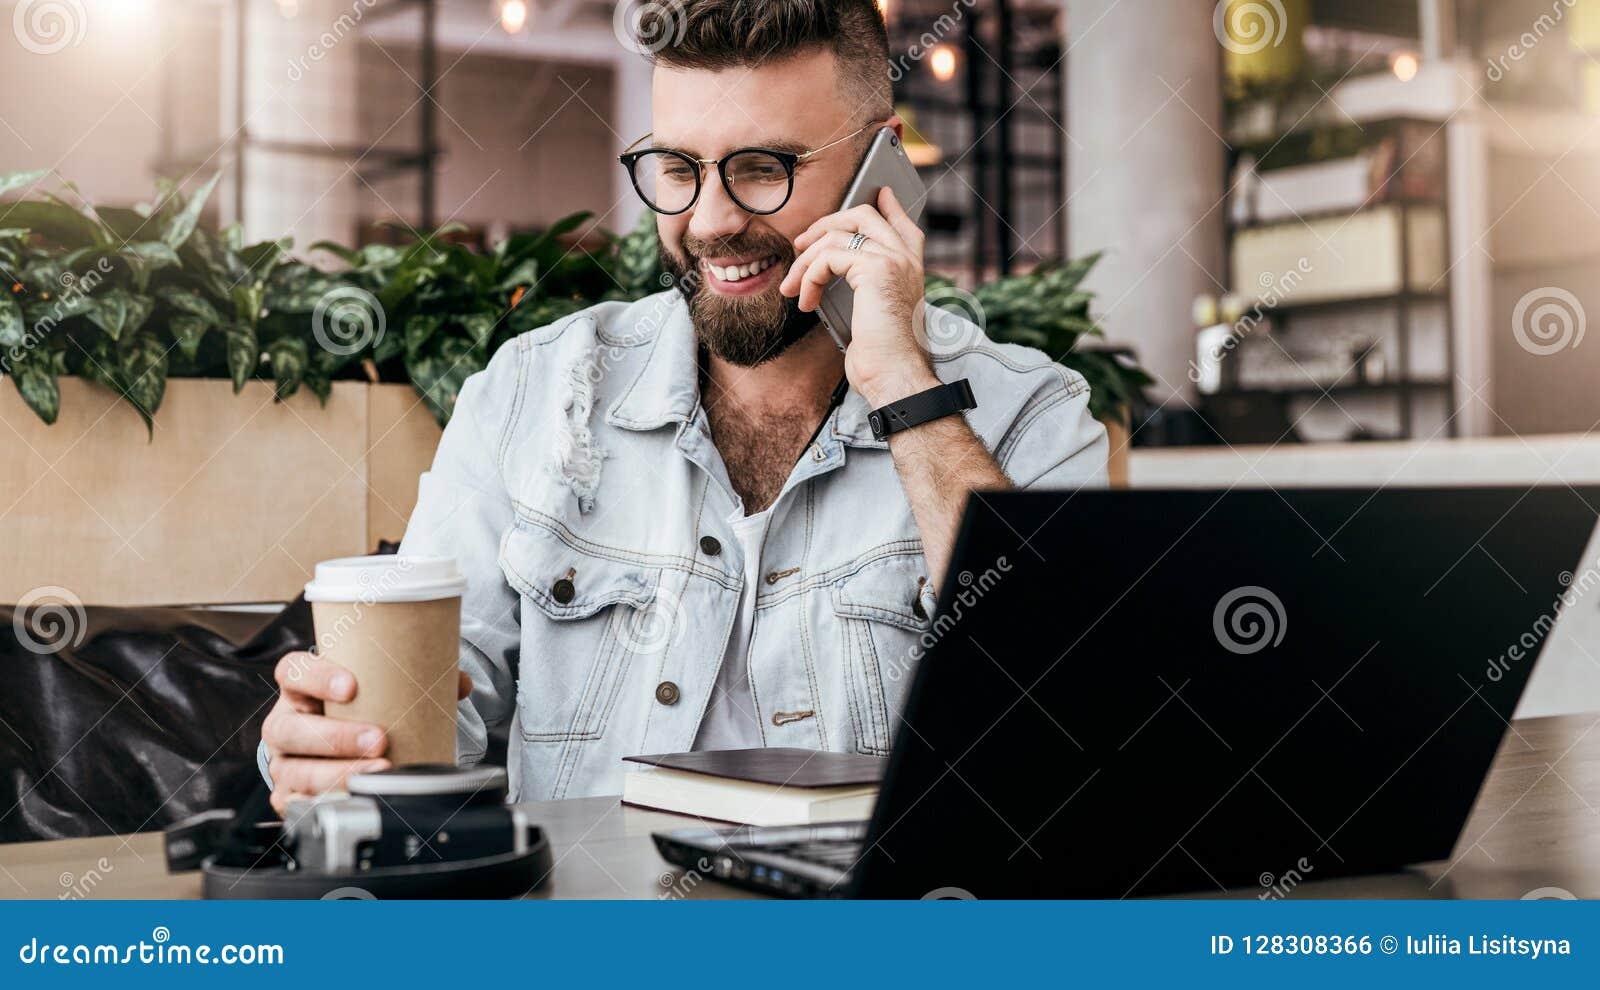 Gebaarde zakenman, blogger zitting in koffie, die op slimme telefoon spreken, die aan laptop werken, freelancer werkend in koffie